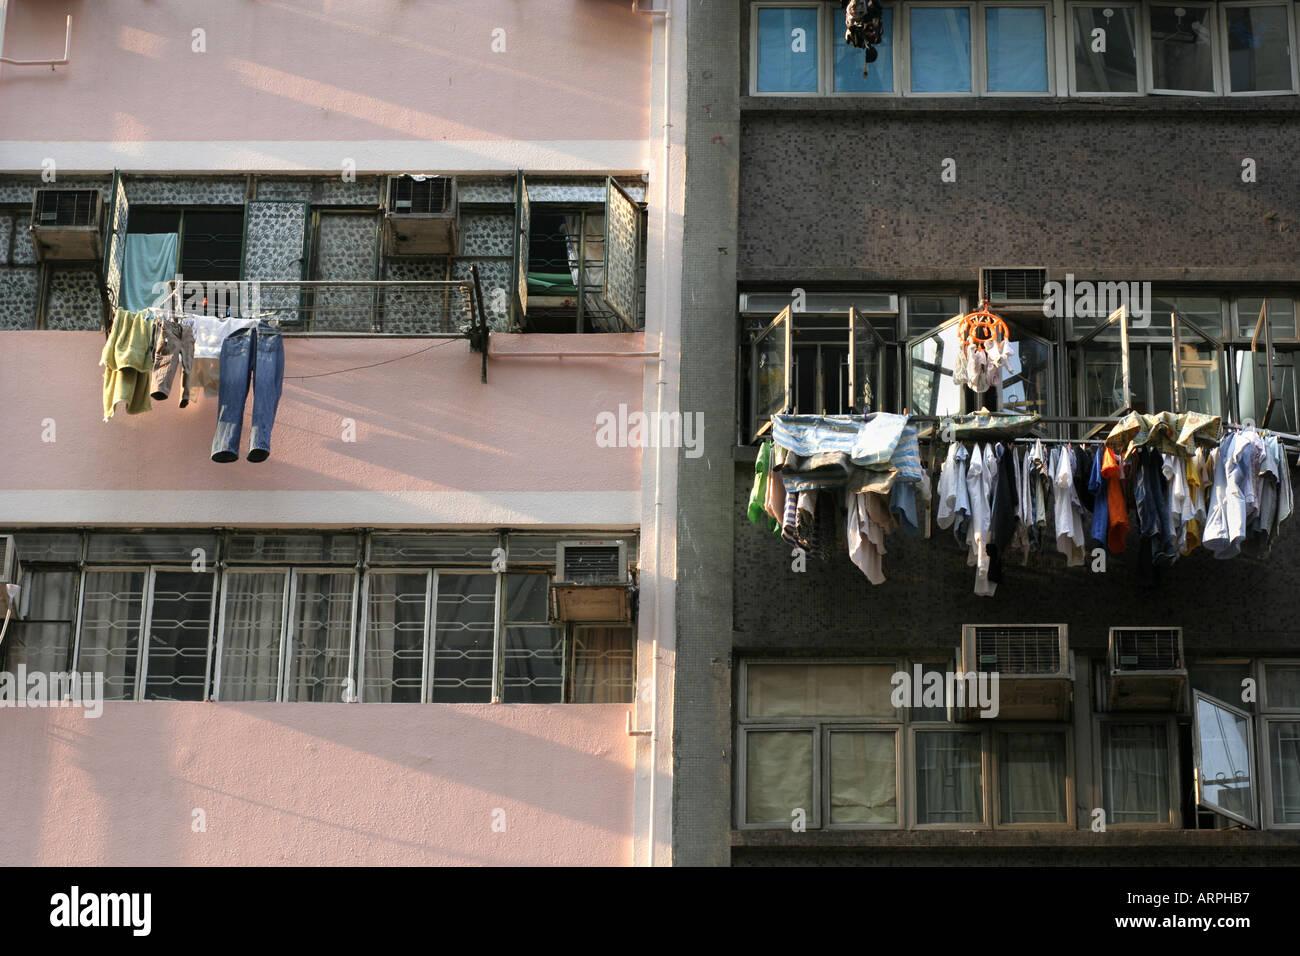 La pauvreté à Hong Kong Photo Stock